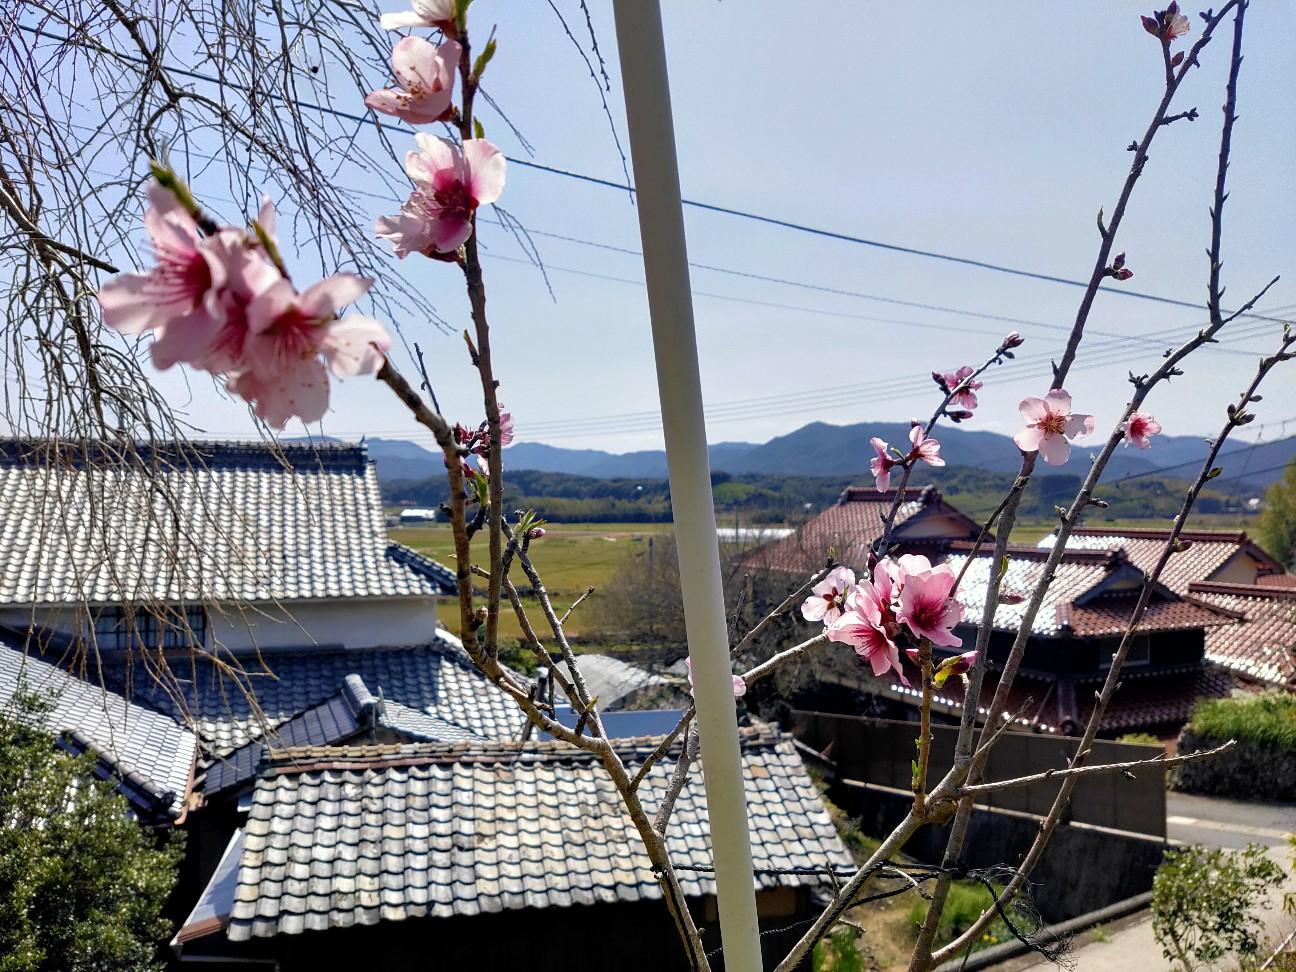 f:id:shingo_shiraishi:20200325210210j:image